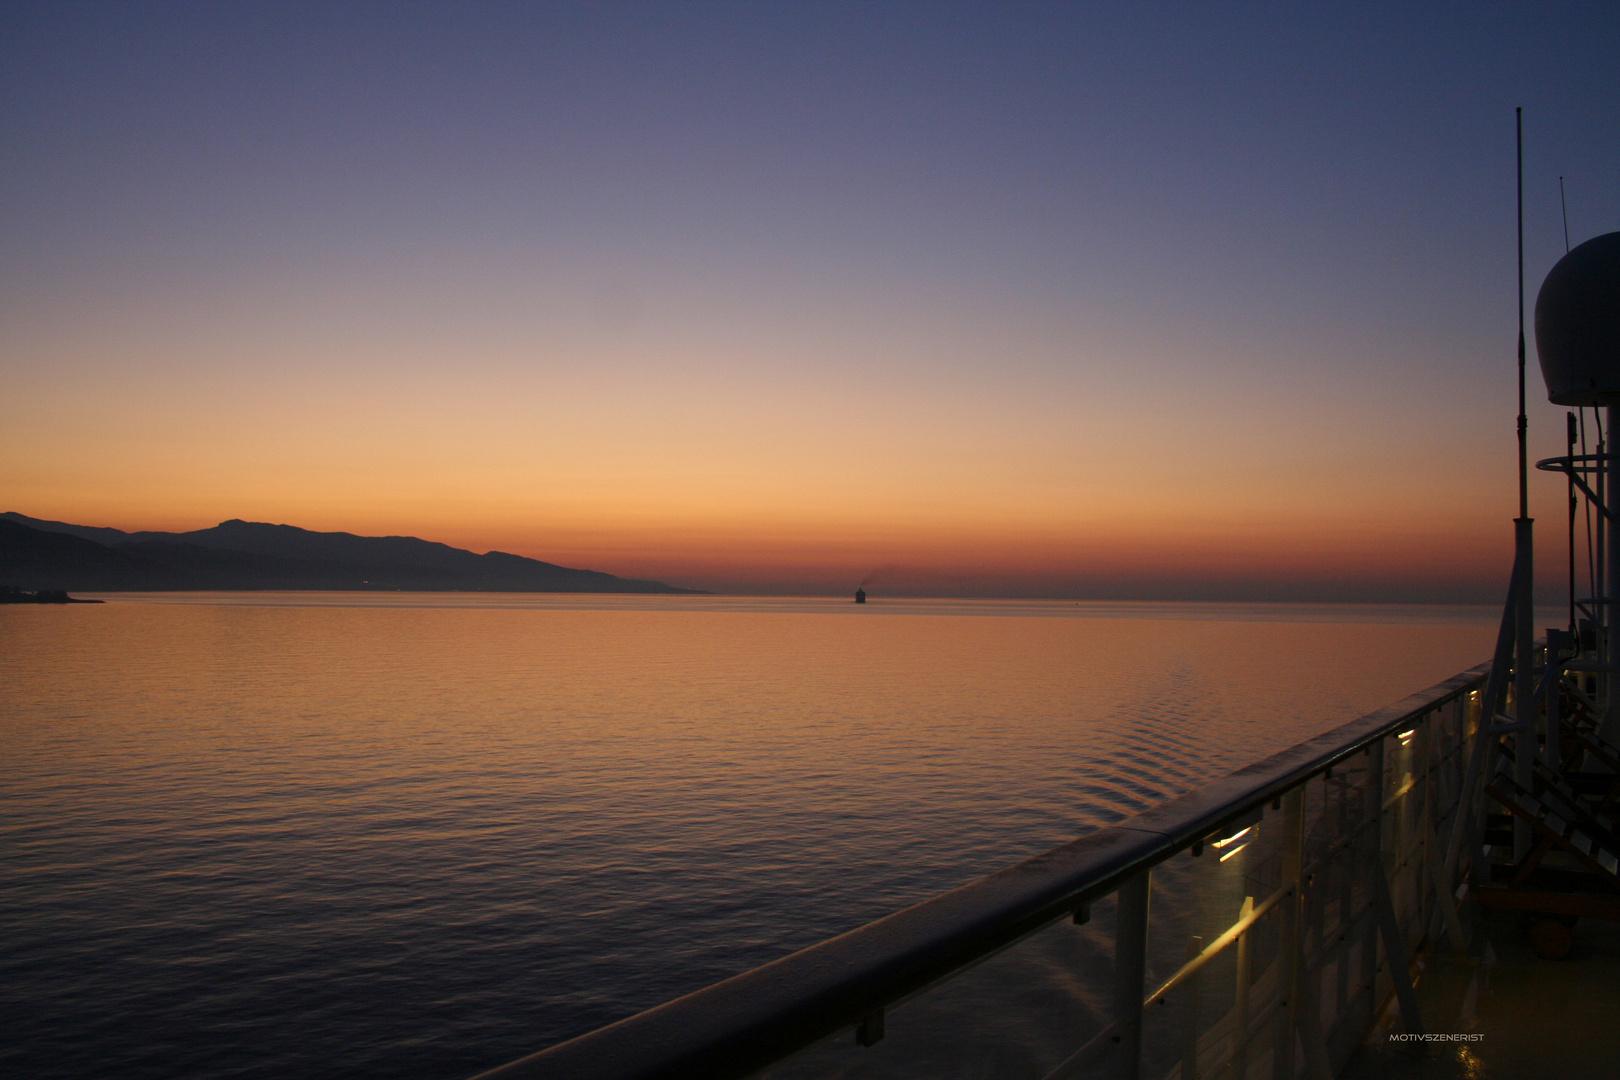 Sonnenaufgang bei der Hafeneinfahrt in Monaco